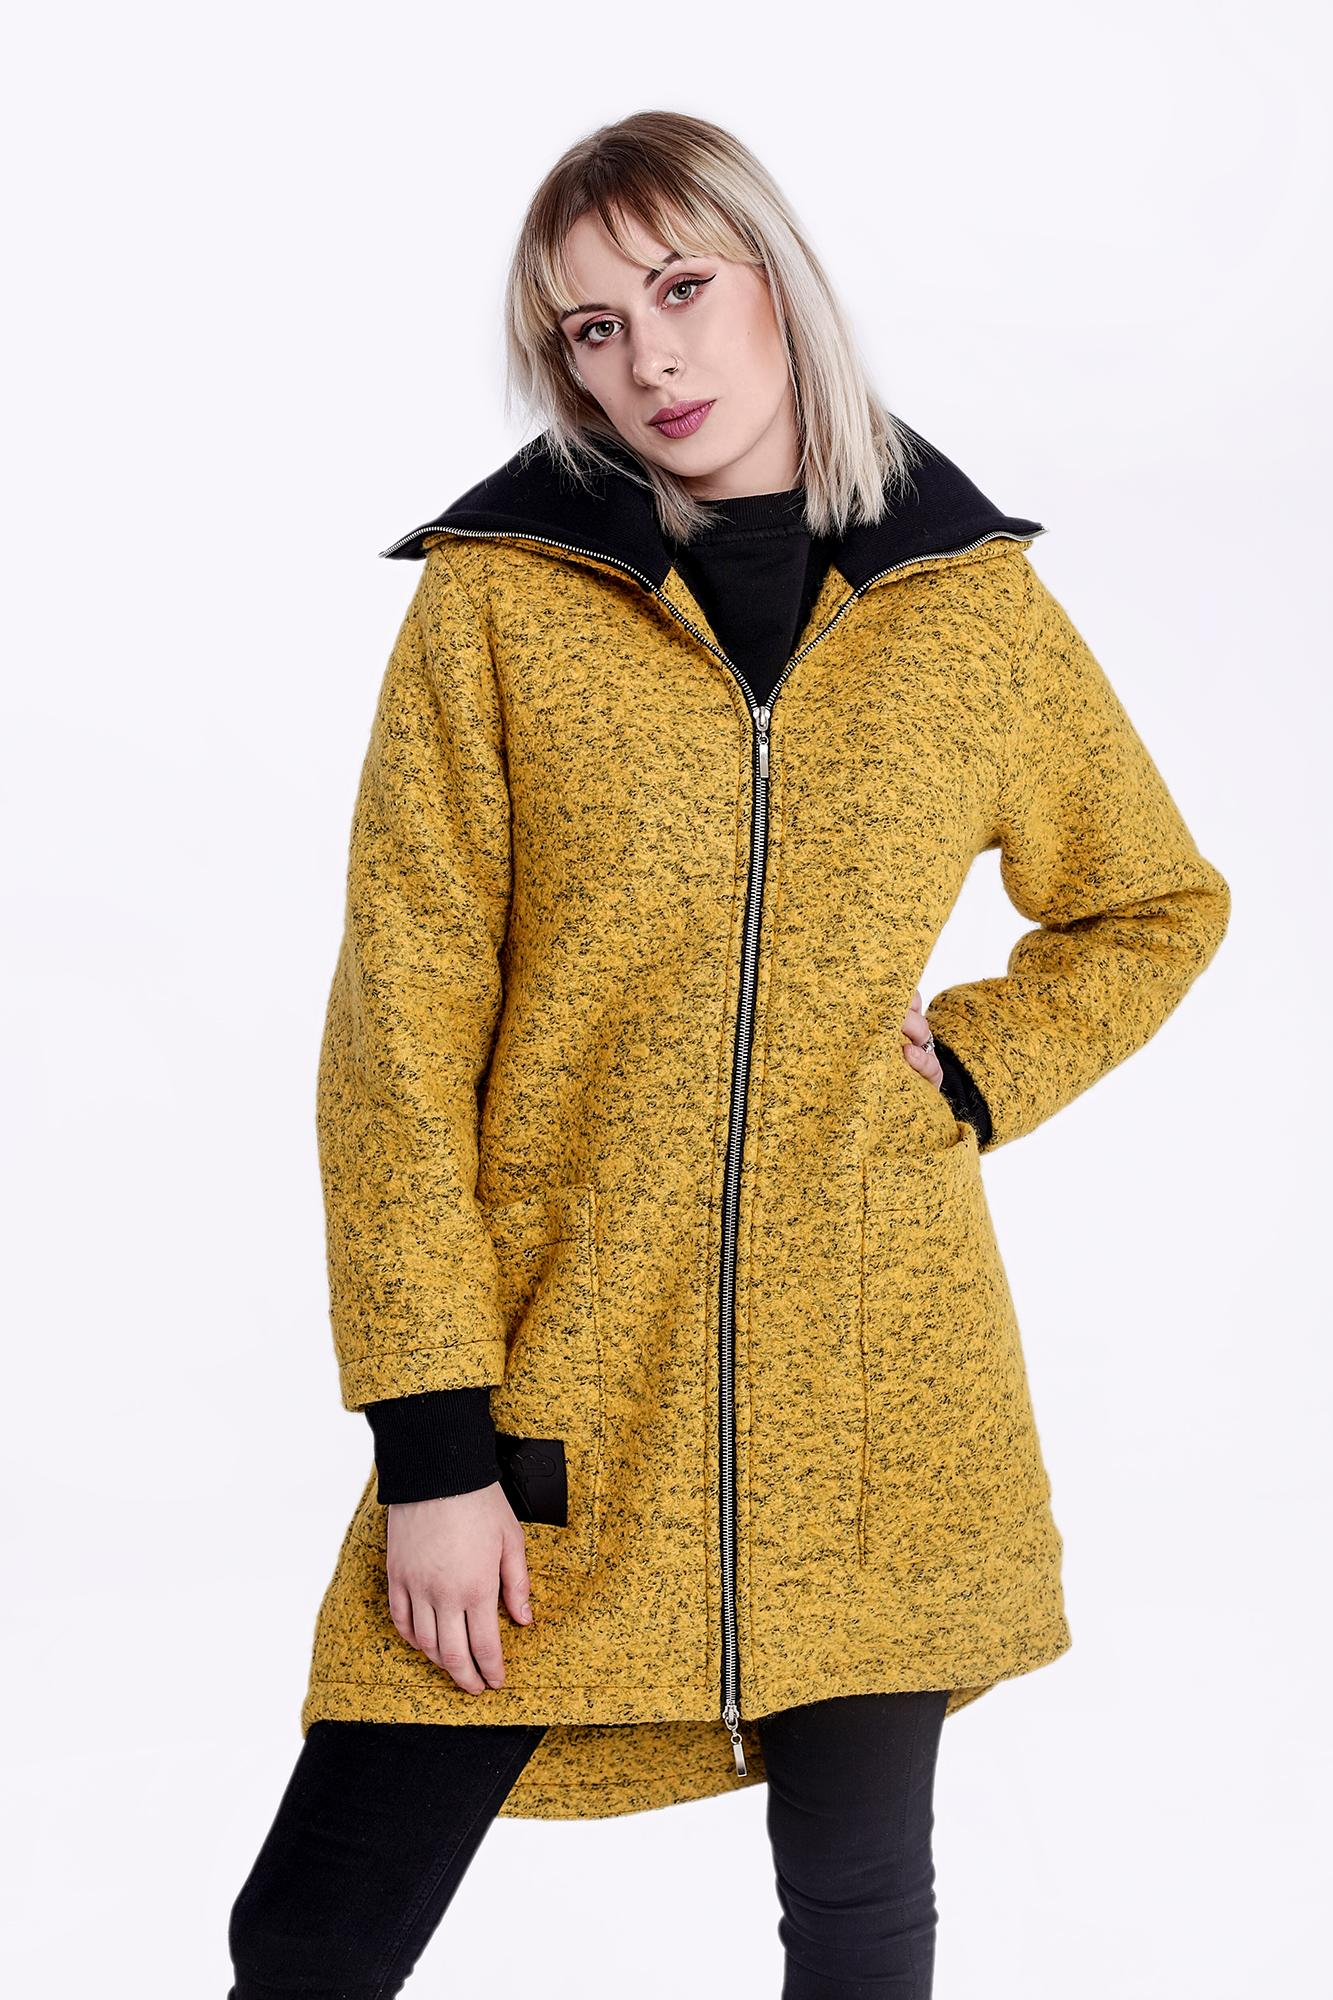 Bardzo ciepły, wełniany i miły w dotyku płaszcz o klasycznym kroju, w kolorze musztardowym. Na przodzie dwie duże, pojemne kieszenie. Zapięcie na suwak. Rękawy wykończone ściągaczem. Pod szyją golf którym można się otulić. Całość wykończona ciepłą polarową podszewką w kolorze czarnym.